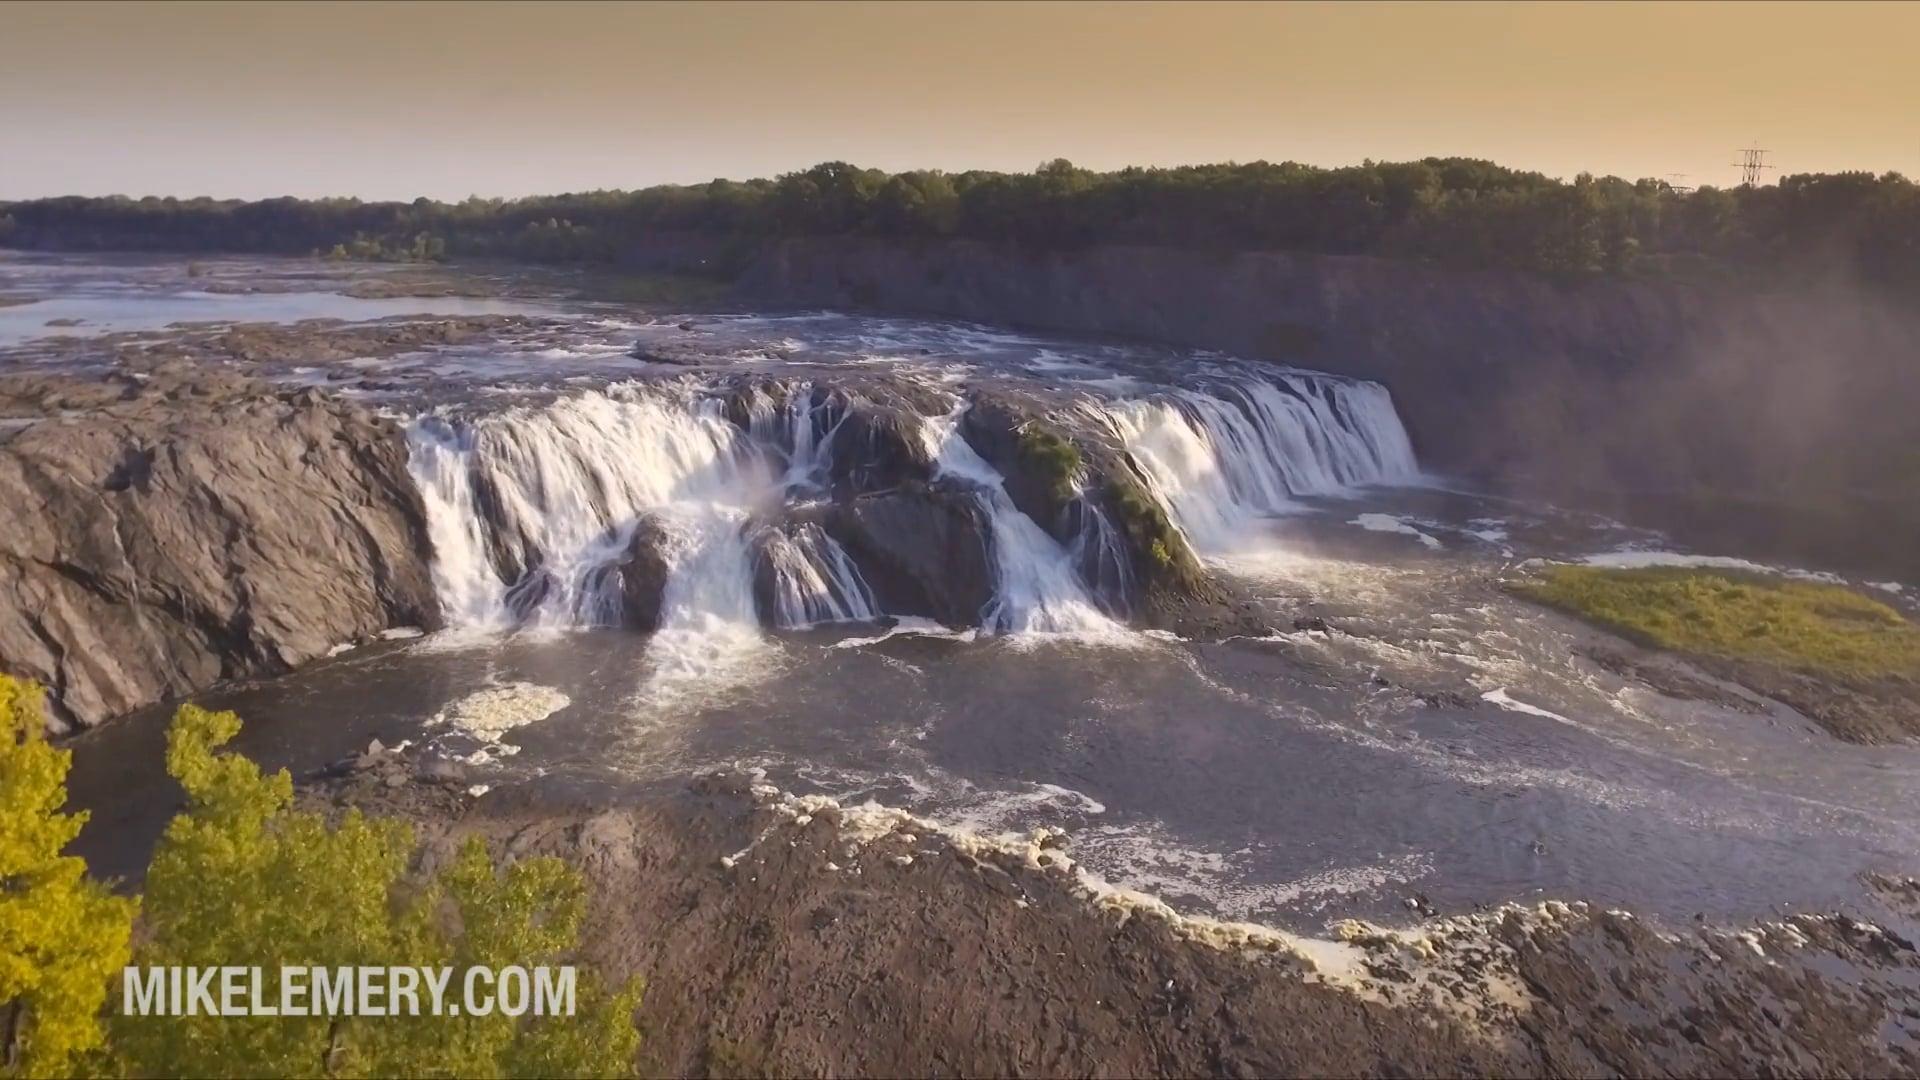 Drone Summer Footage - Capital Region New York